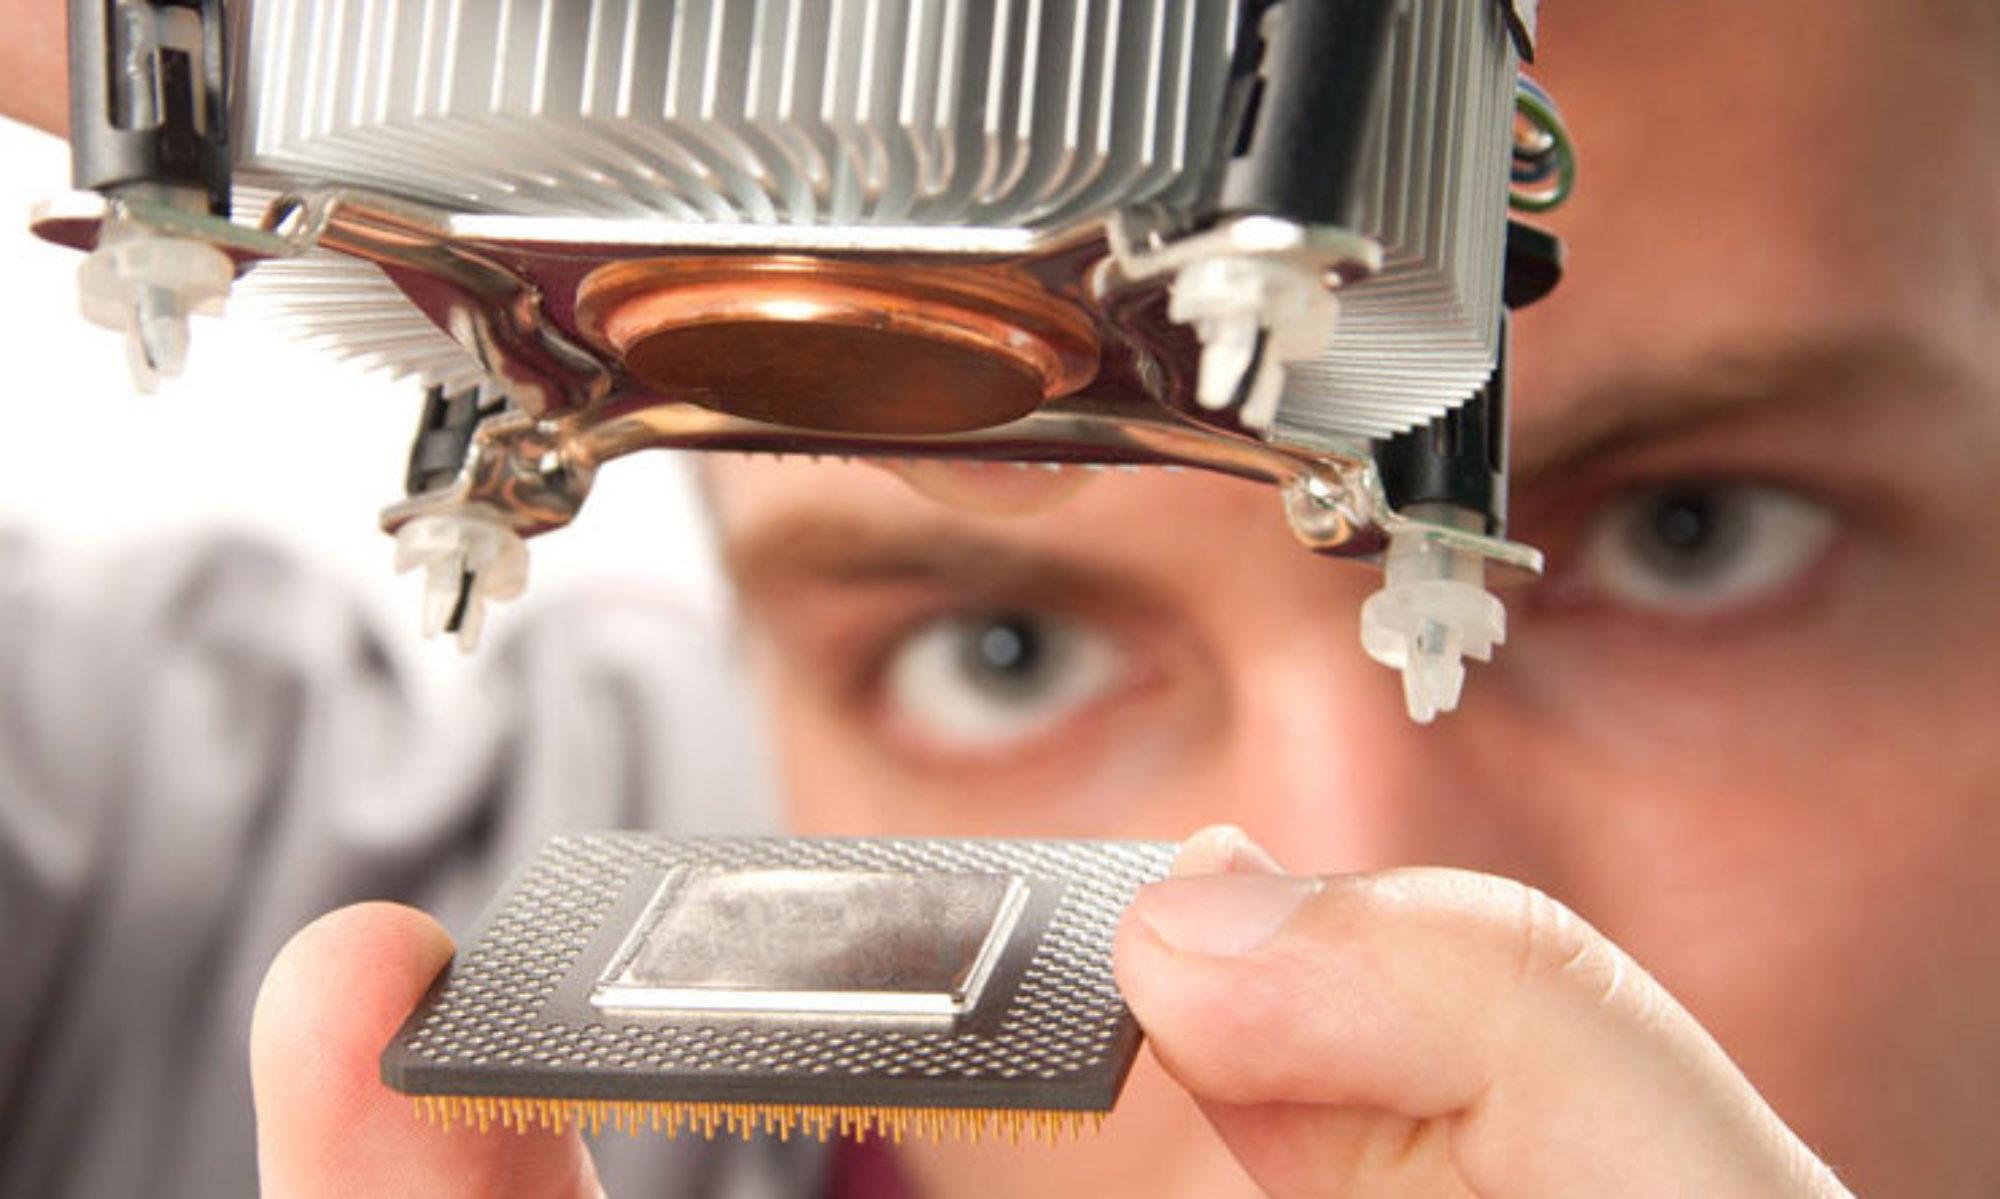 Wärmeleitpasten, silikonfrei und silikonhaltig